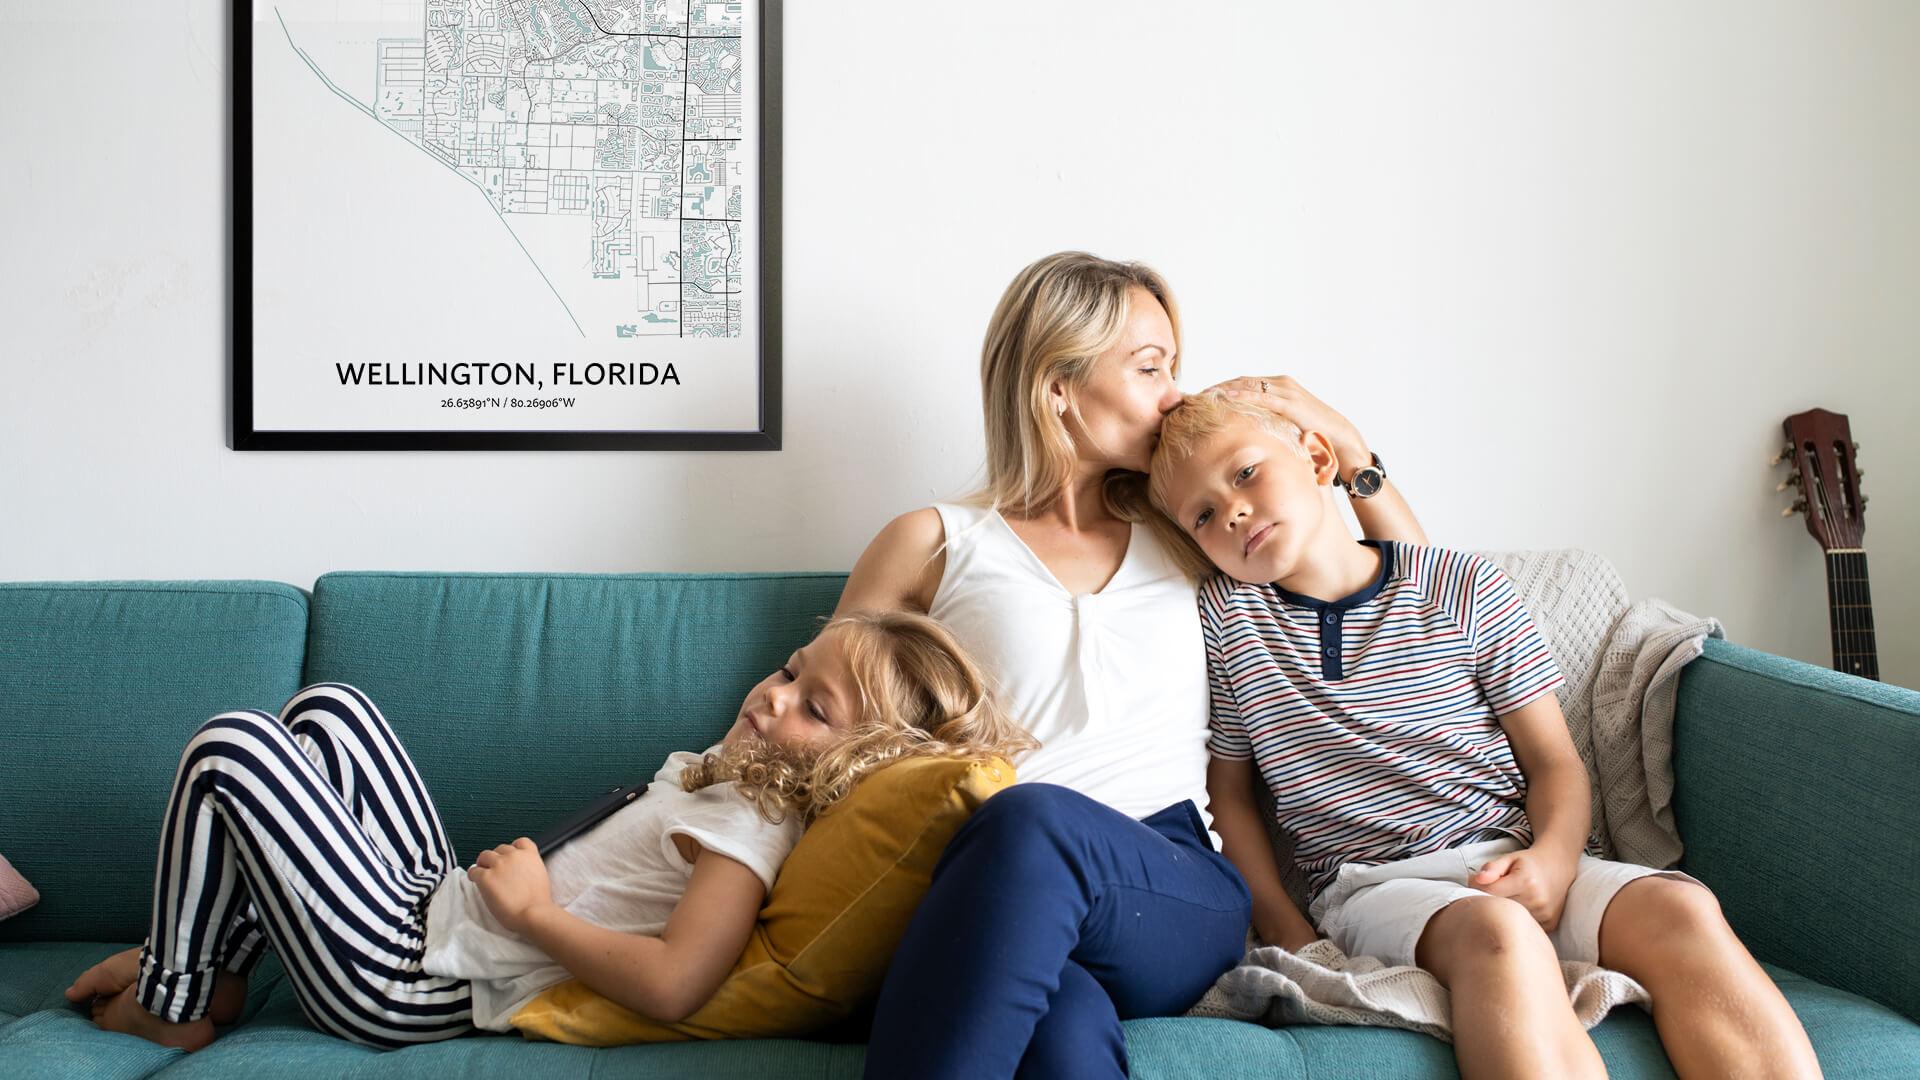 Wellington Florida map poster